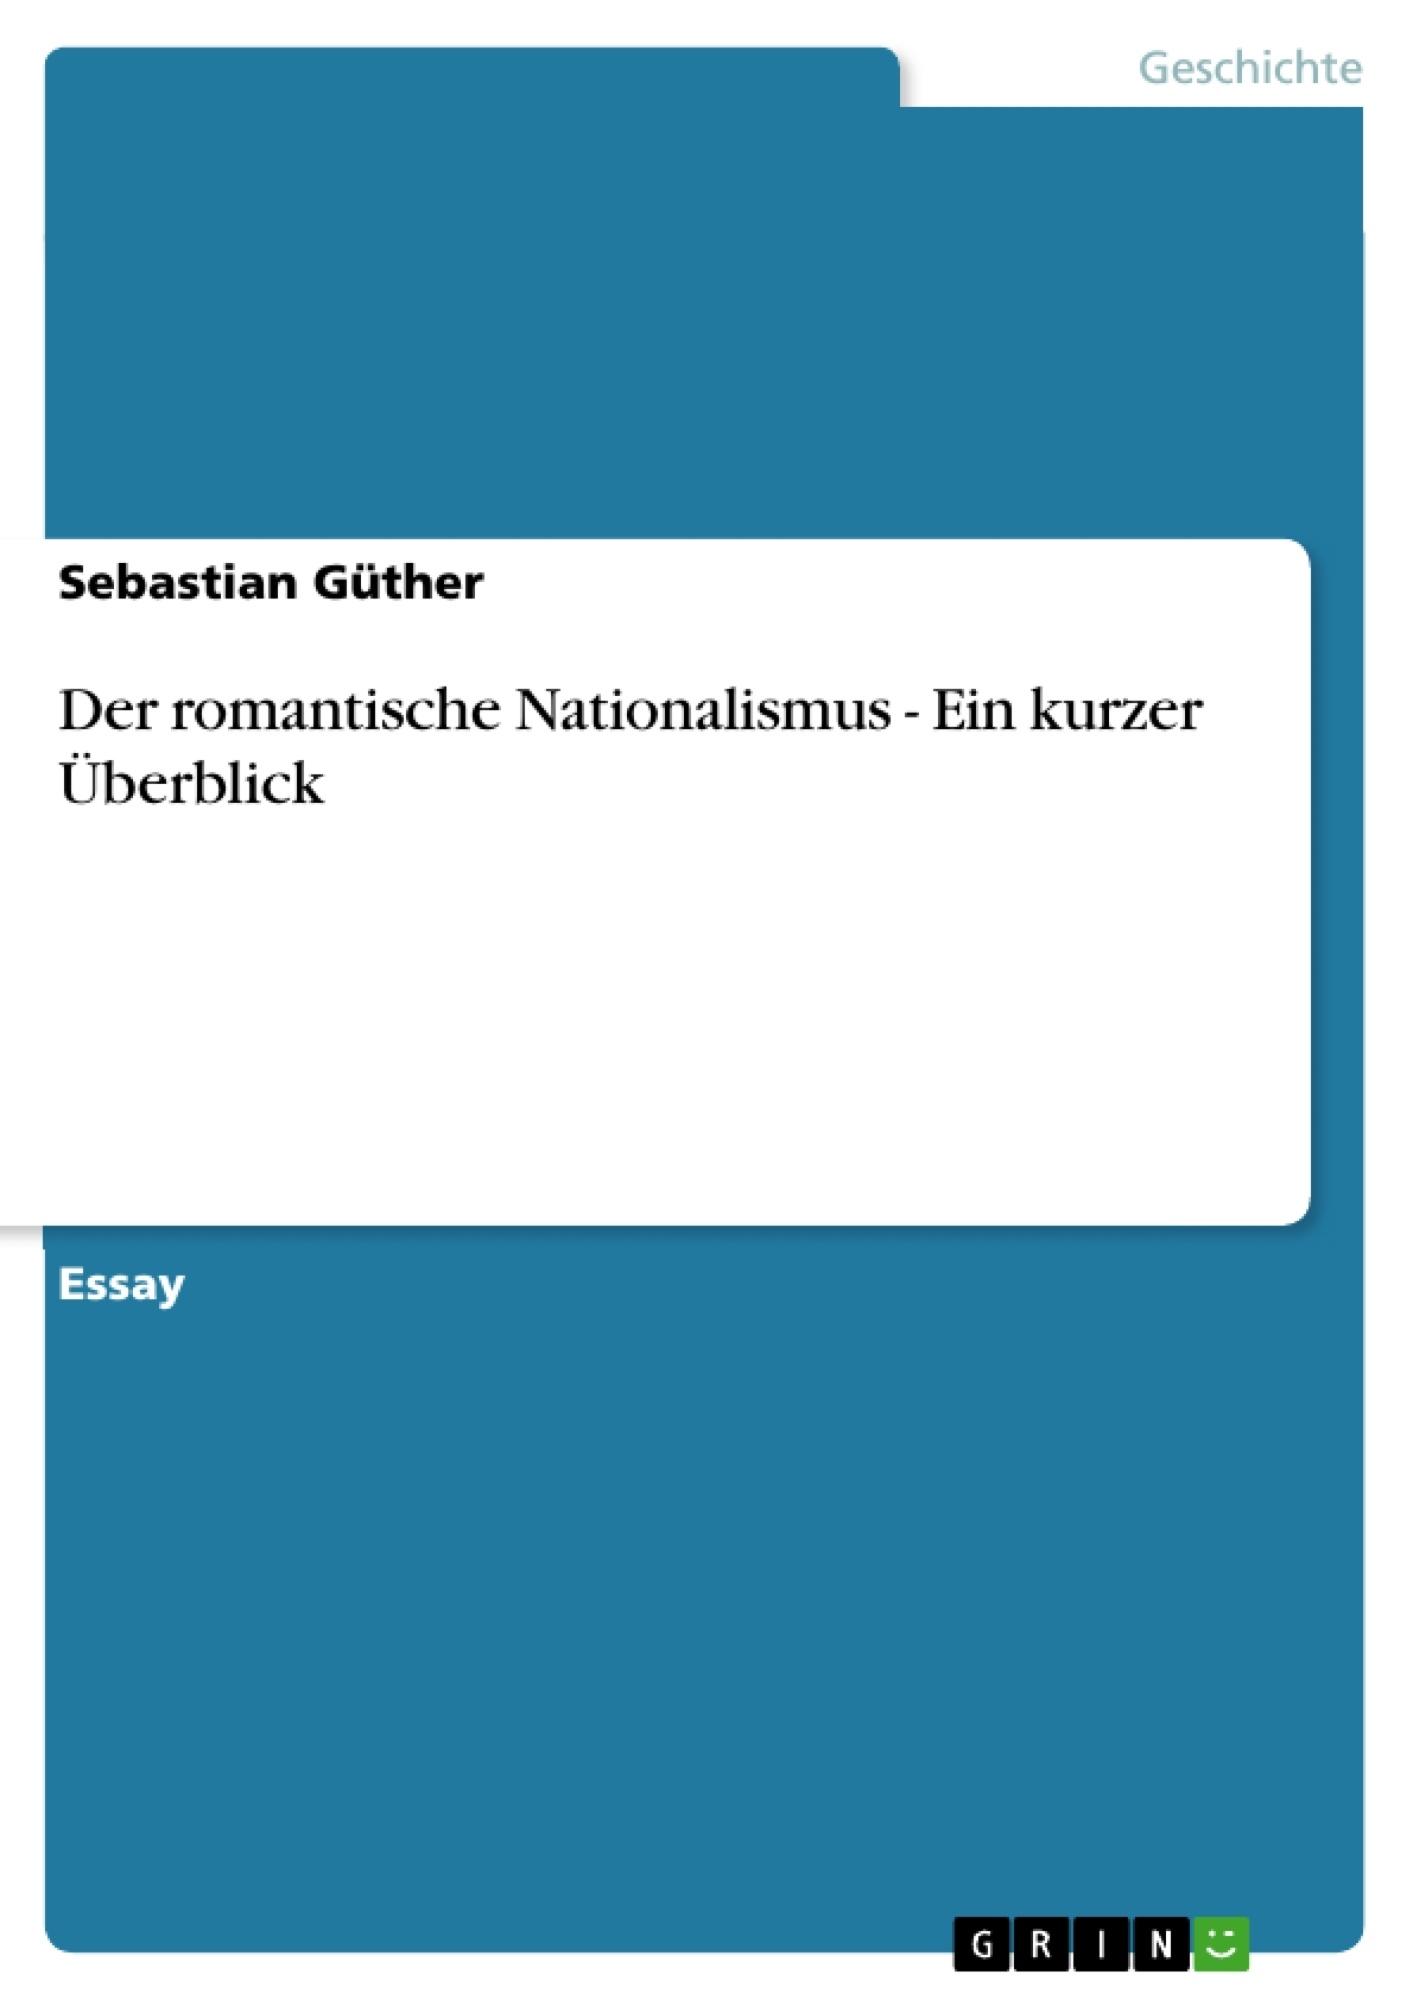 Titel: Der romantische Nationalismus - Ein kurzer Überblick